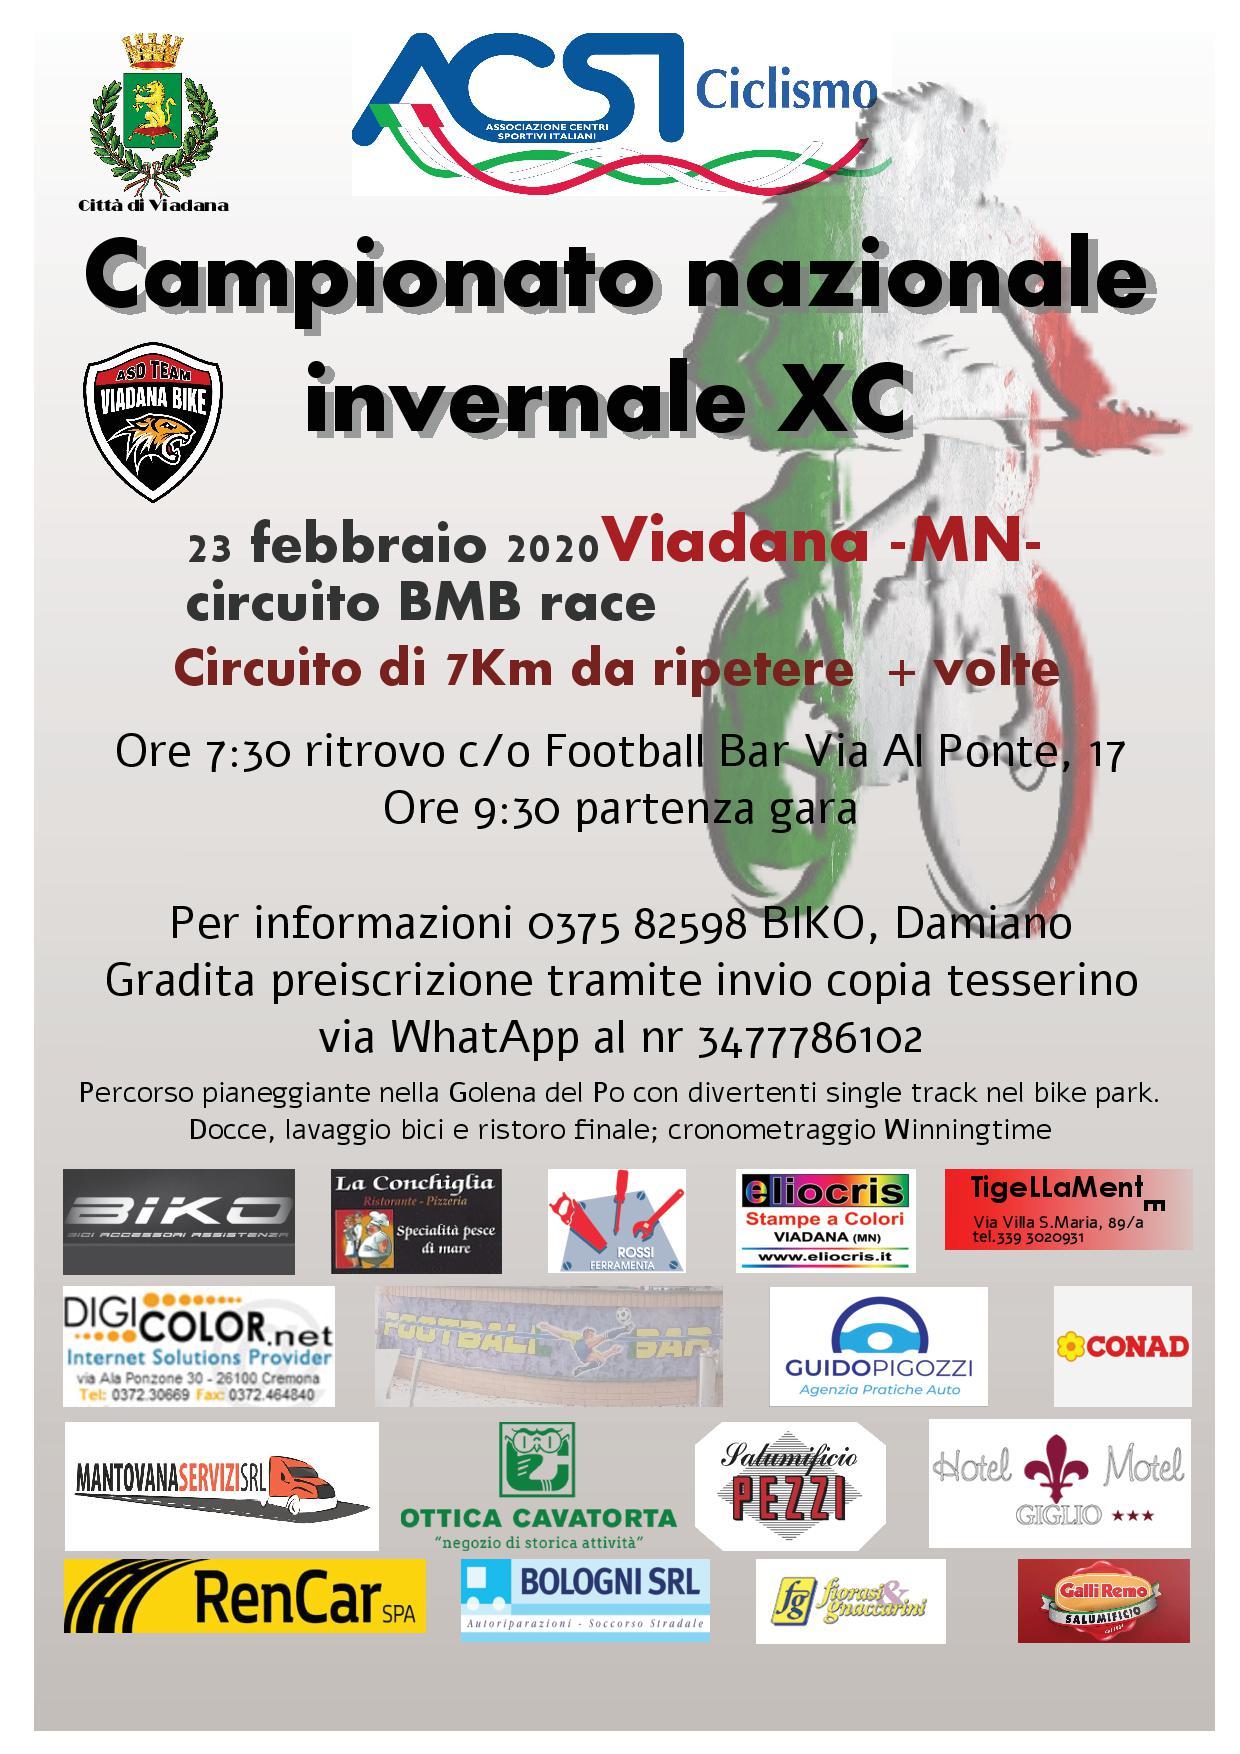 23/02/2020 - CAMIPIONATO NAZIONALE INVERNALE - CIRCUITO BMB RACE